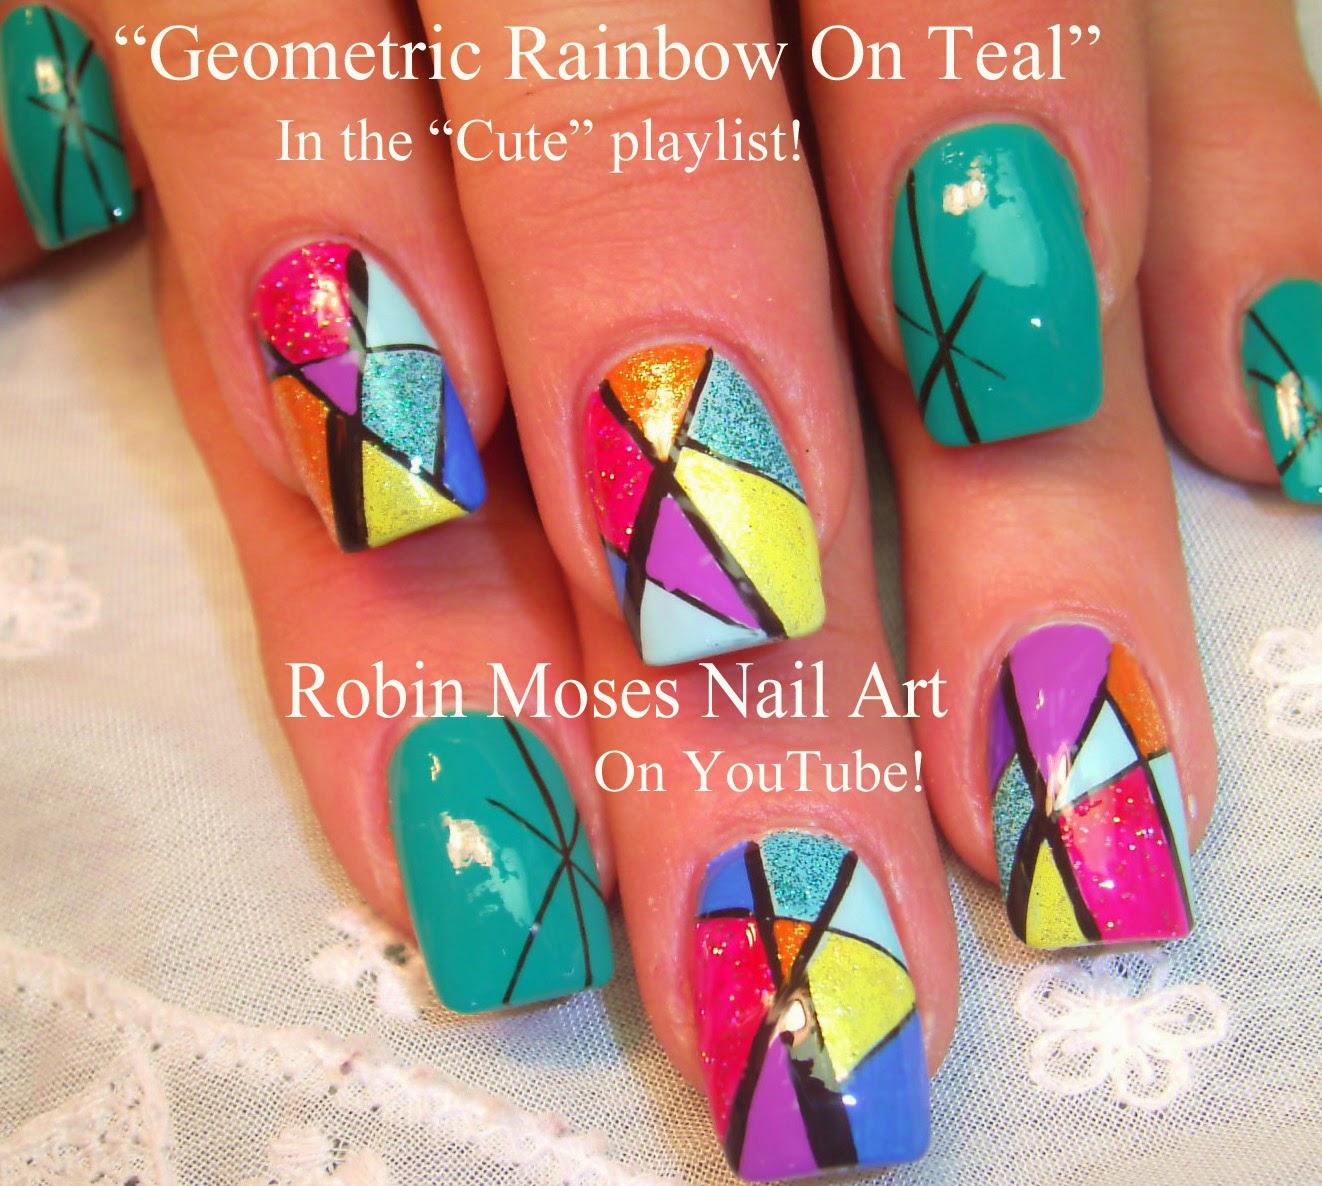 Robin Moses Nail Art March 2015